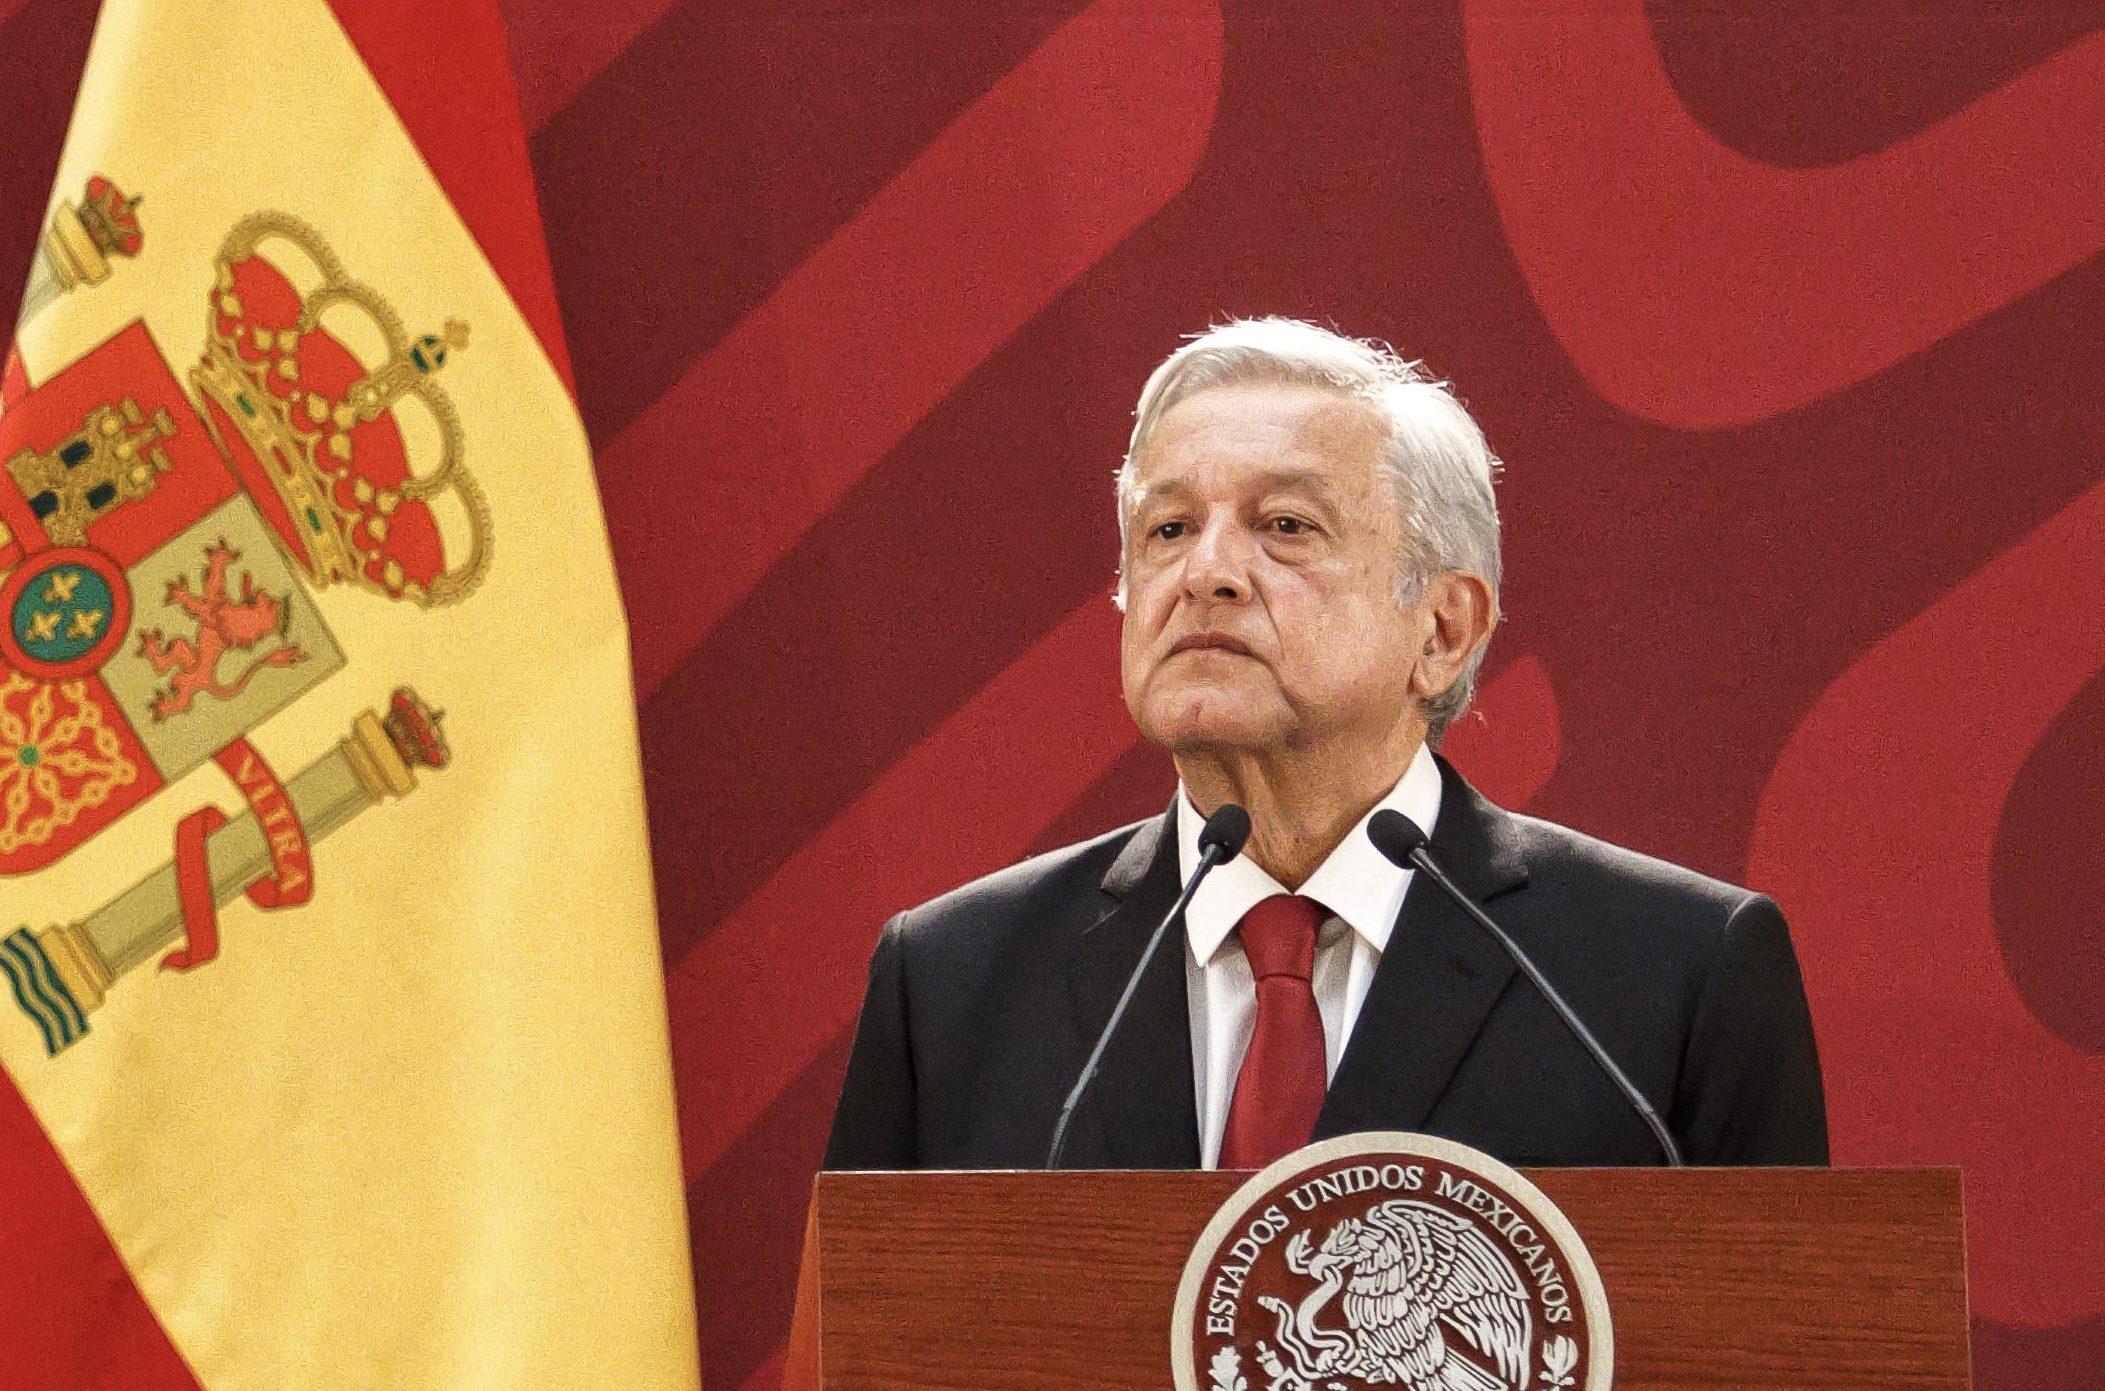 AMLO pide a España mediante una carta, una disculpa por los actos de la conquista